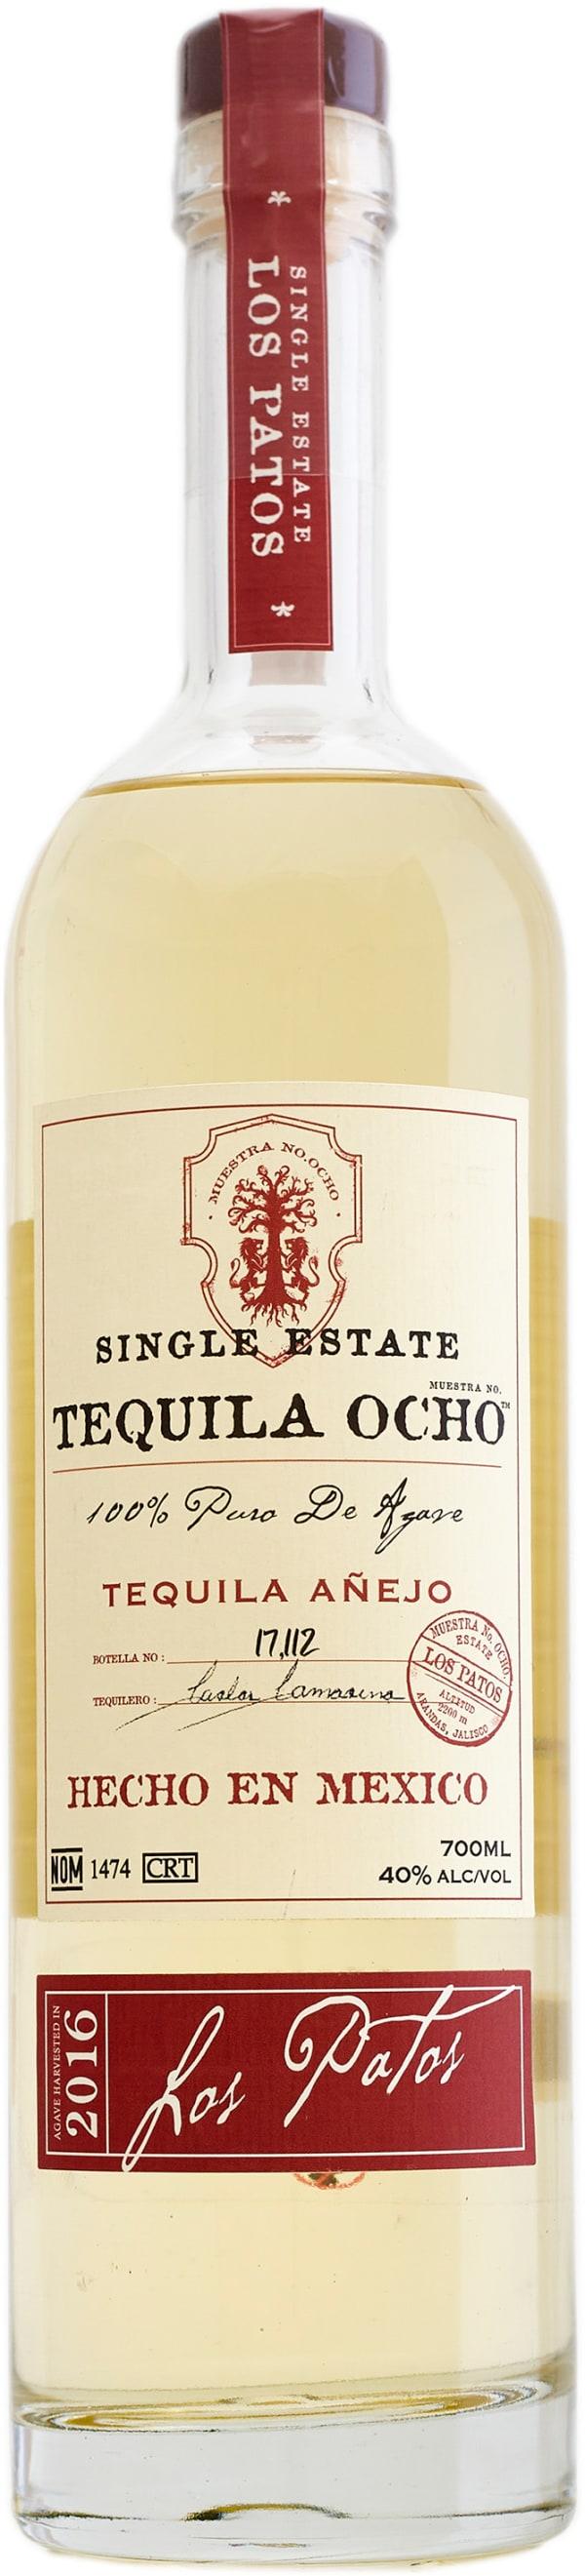 Ocho Añejo La Magueyera Tequila 2014